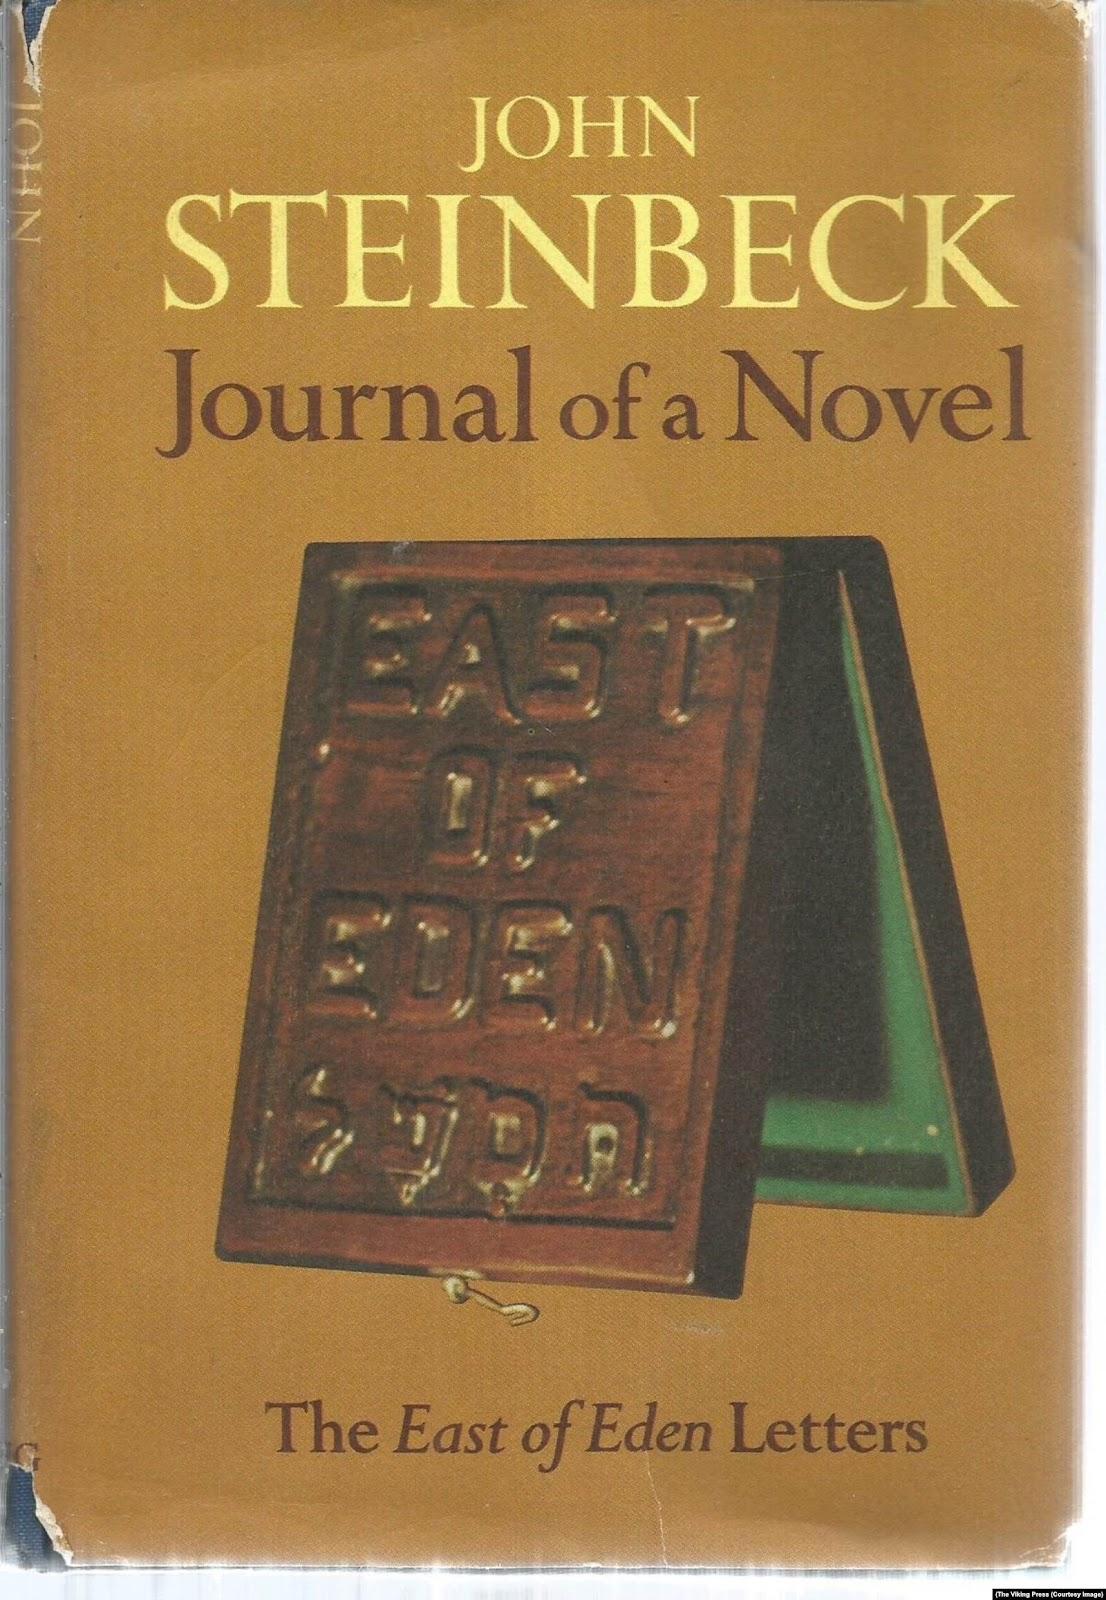 Первое издание «Дневника романа» Джона Стейнбека (The Viking Press, 1969)